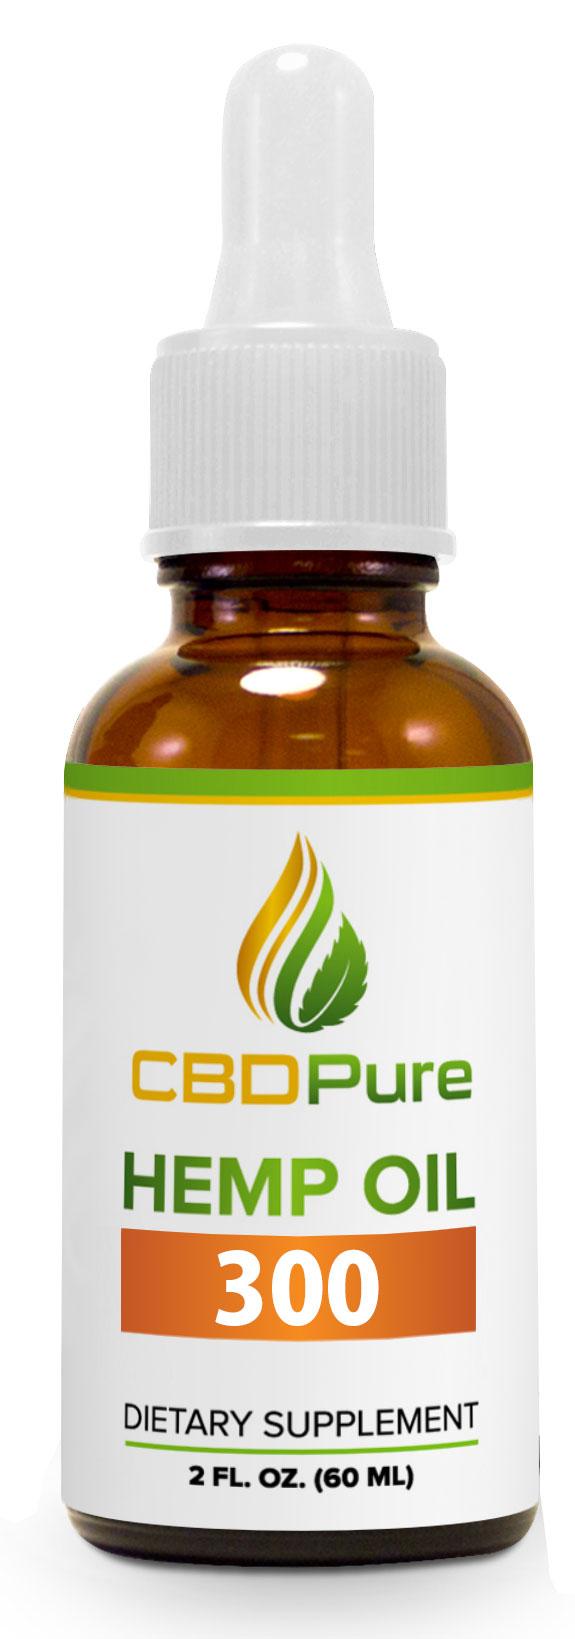 CBD Hemp Oil 300